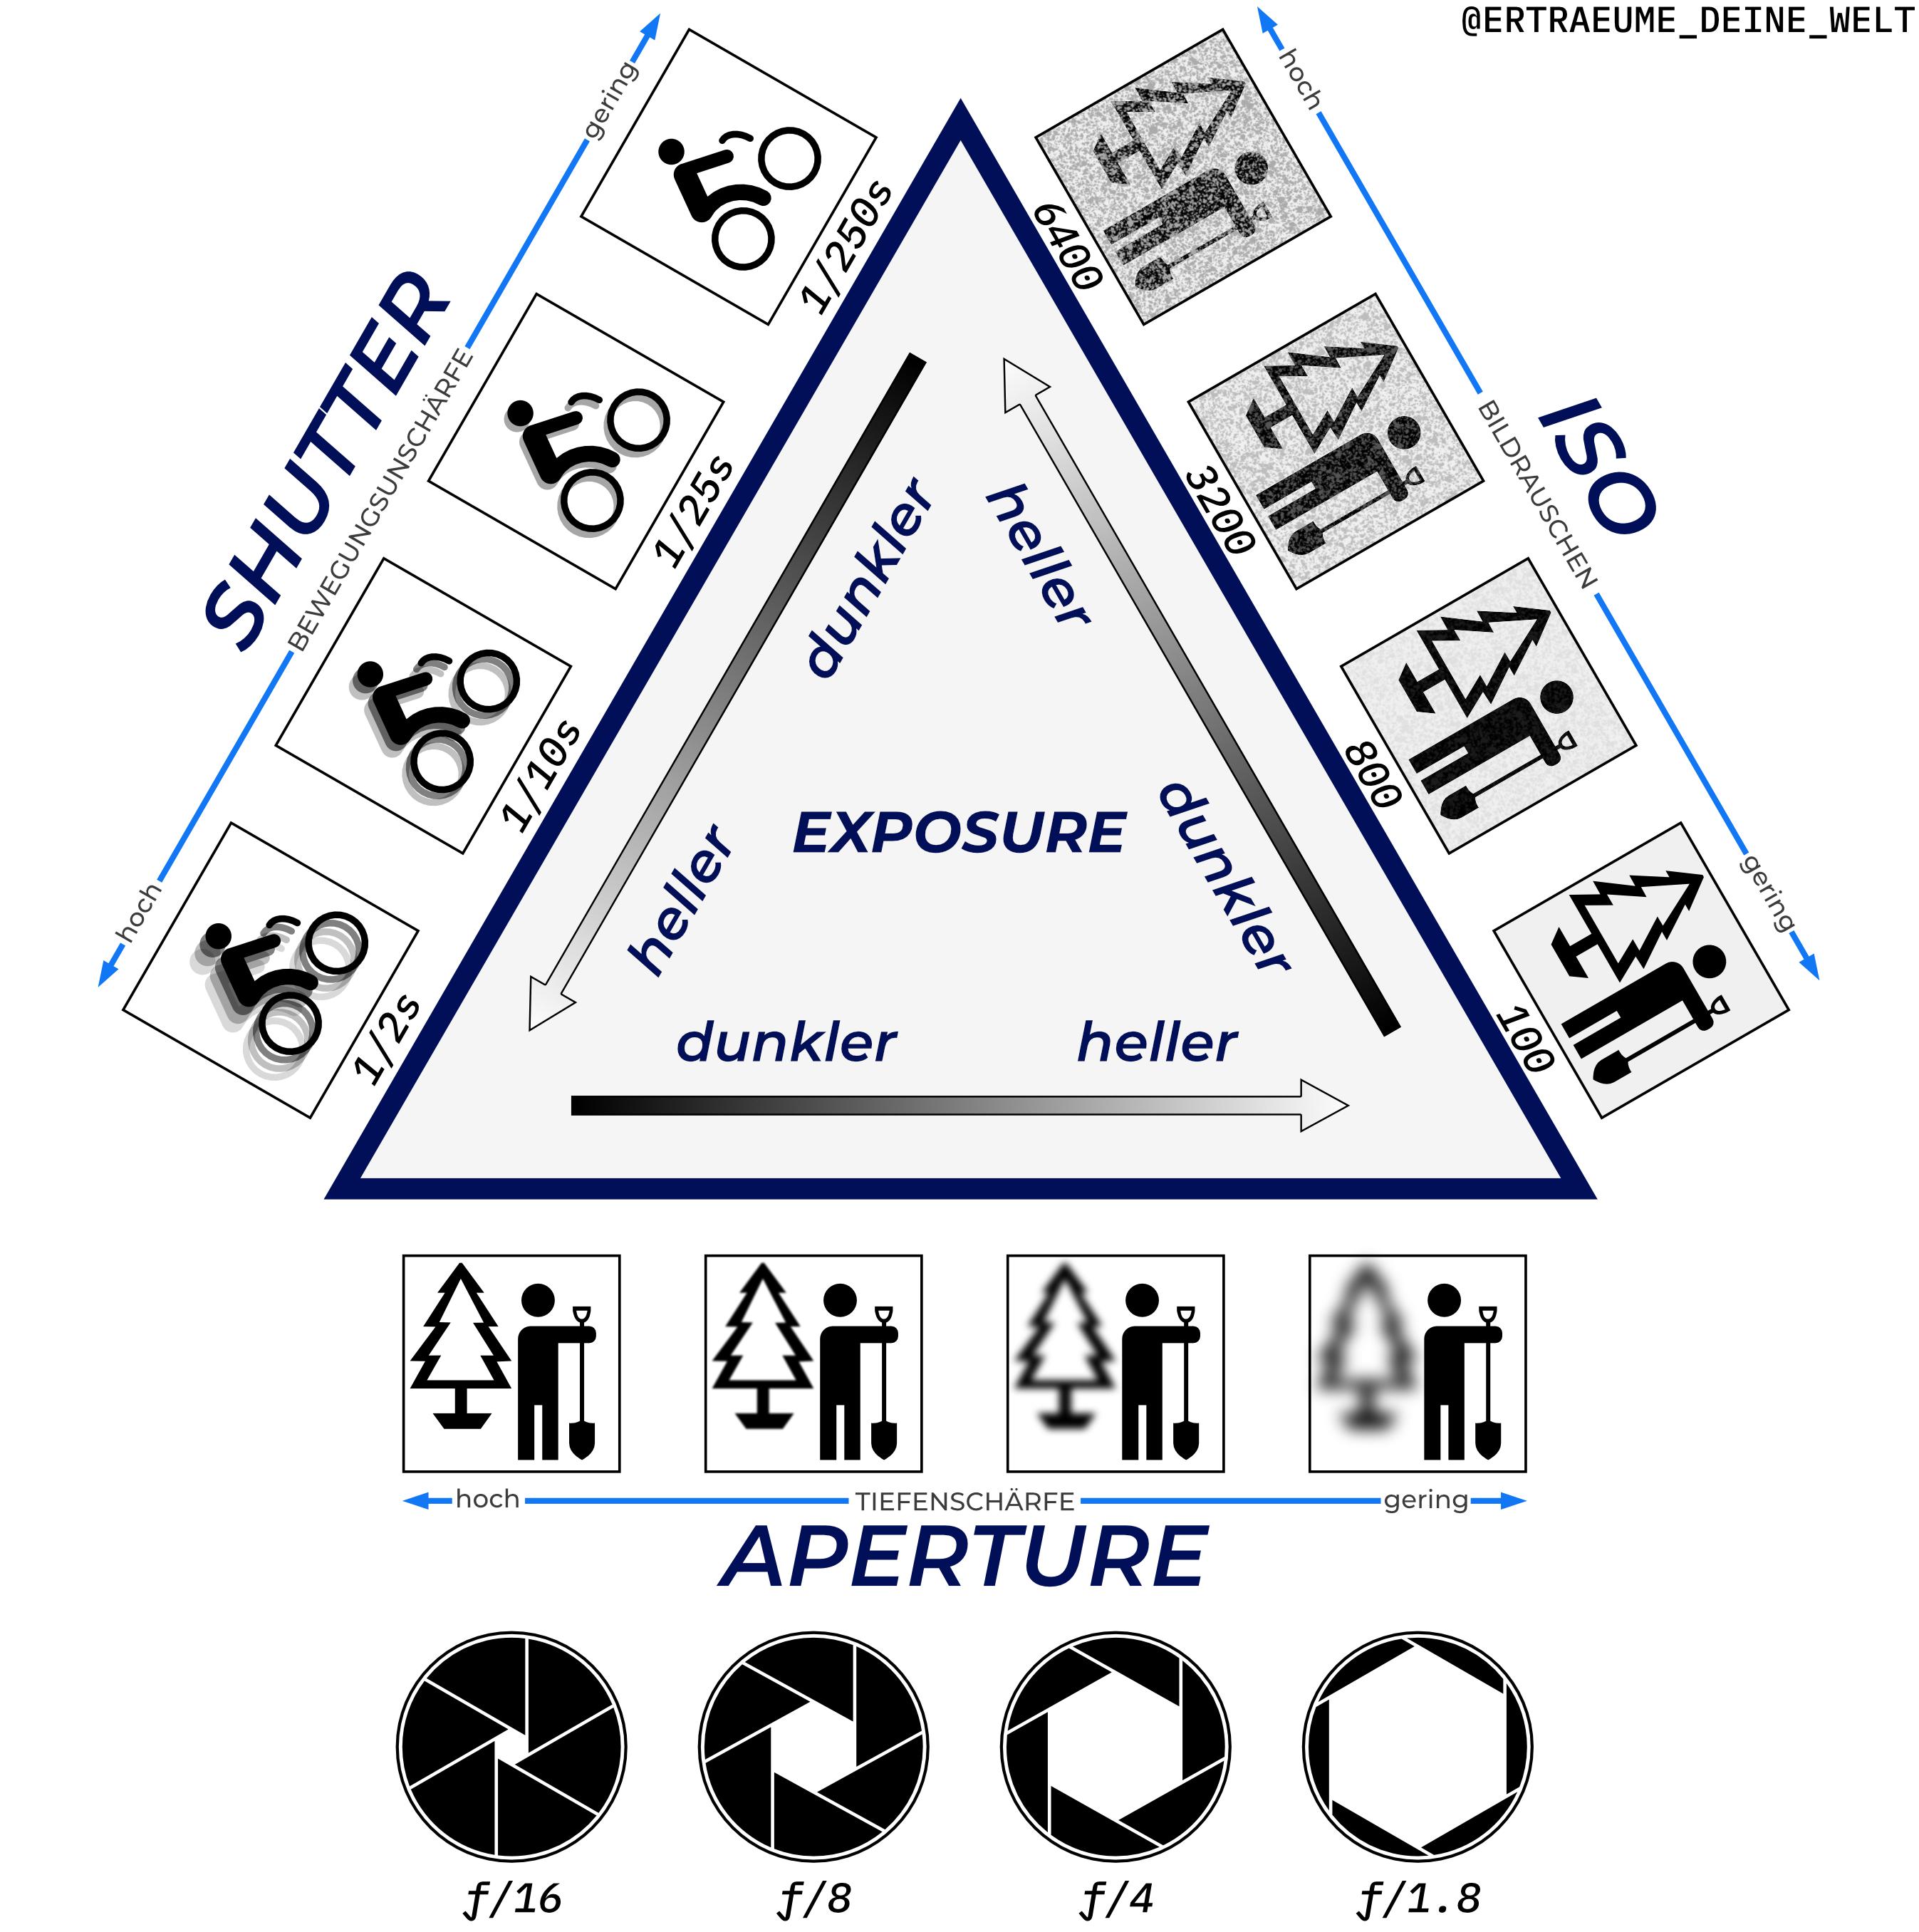 Das Belichtungsdreieck / Exposure Triangle © Erträume Deine Welt